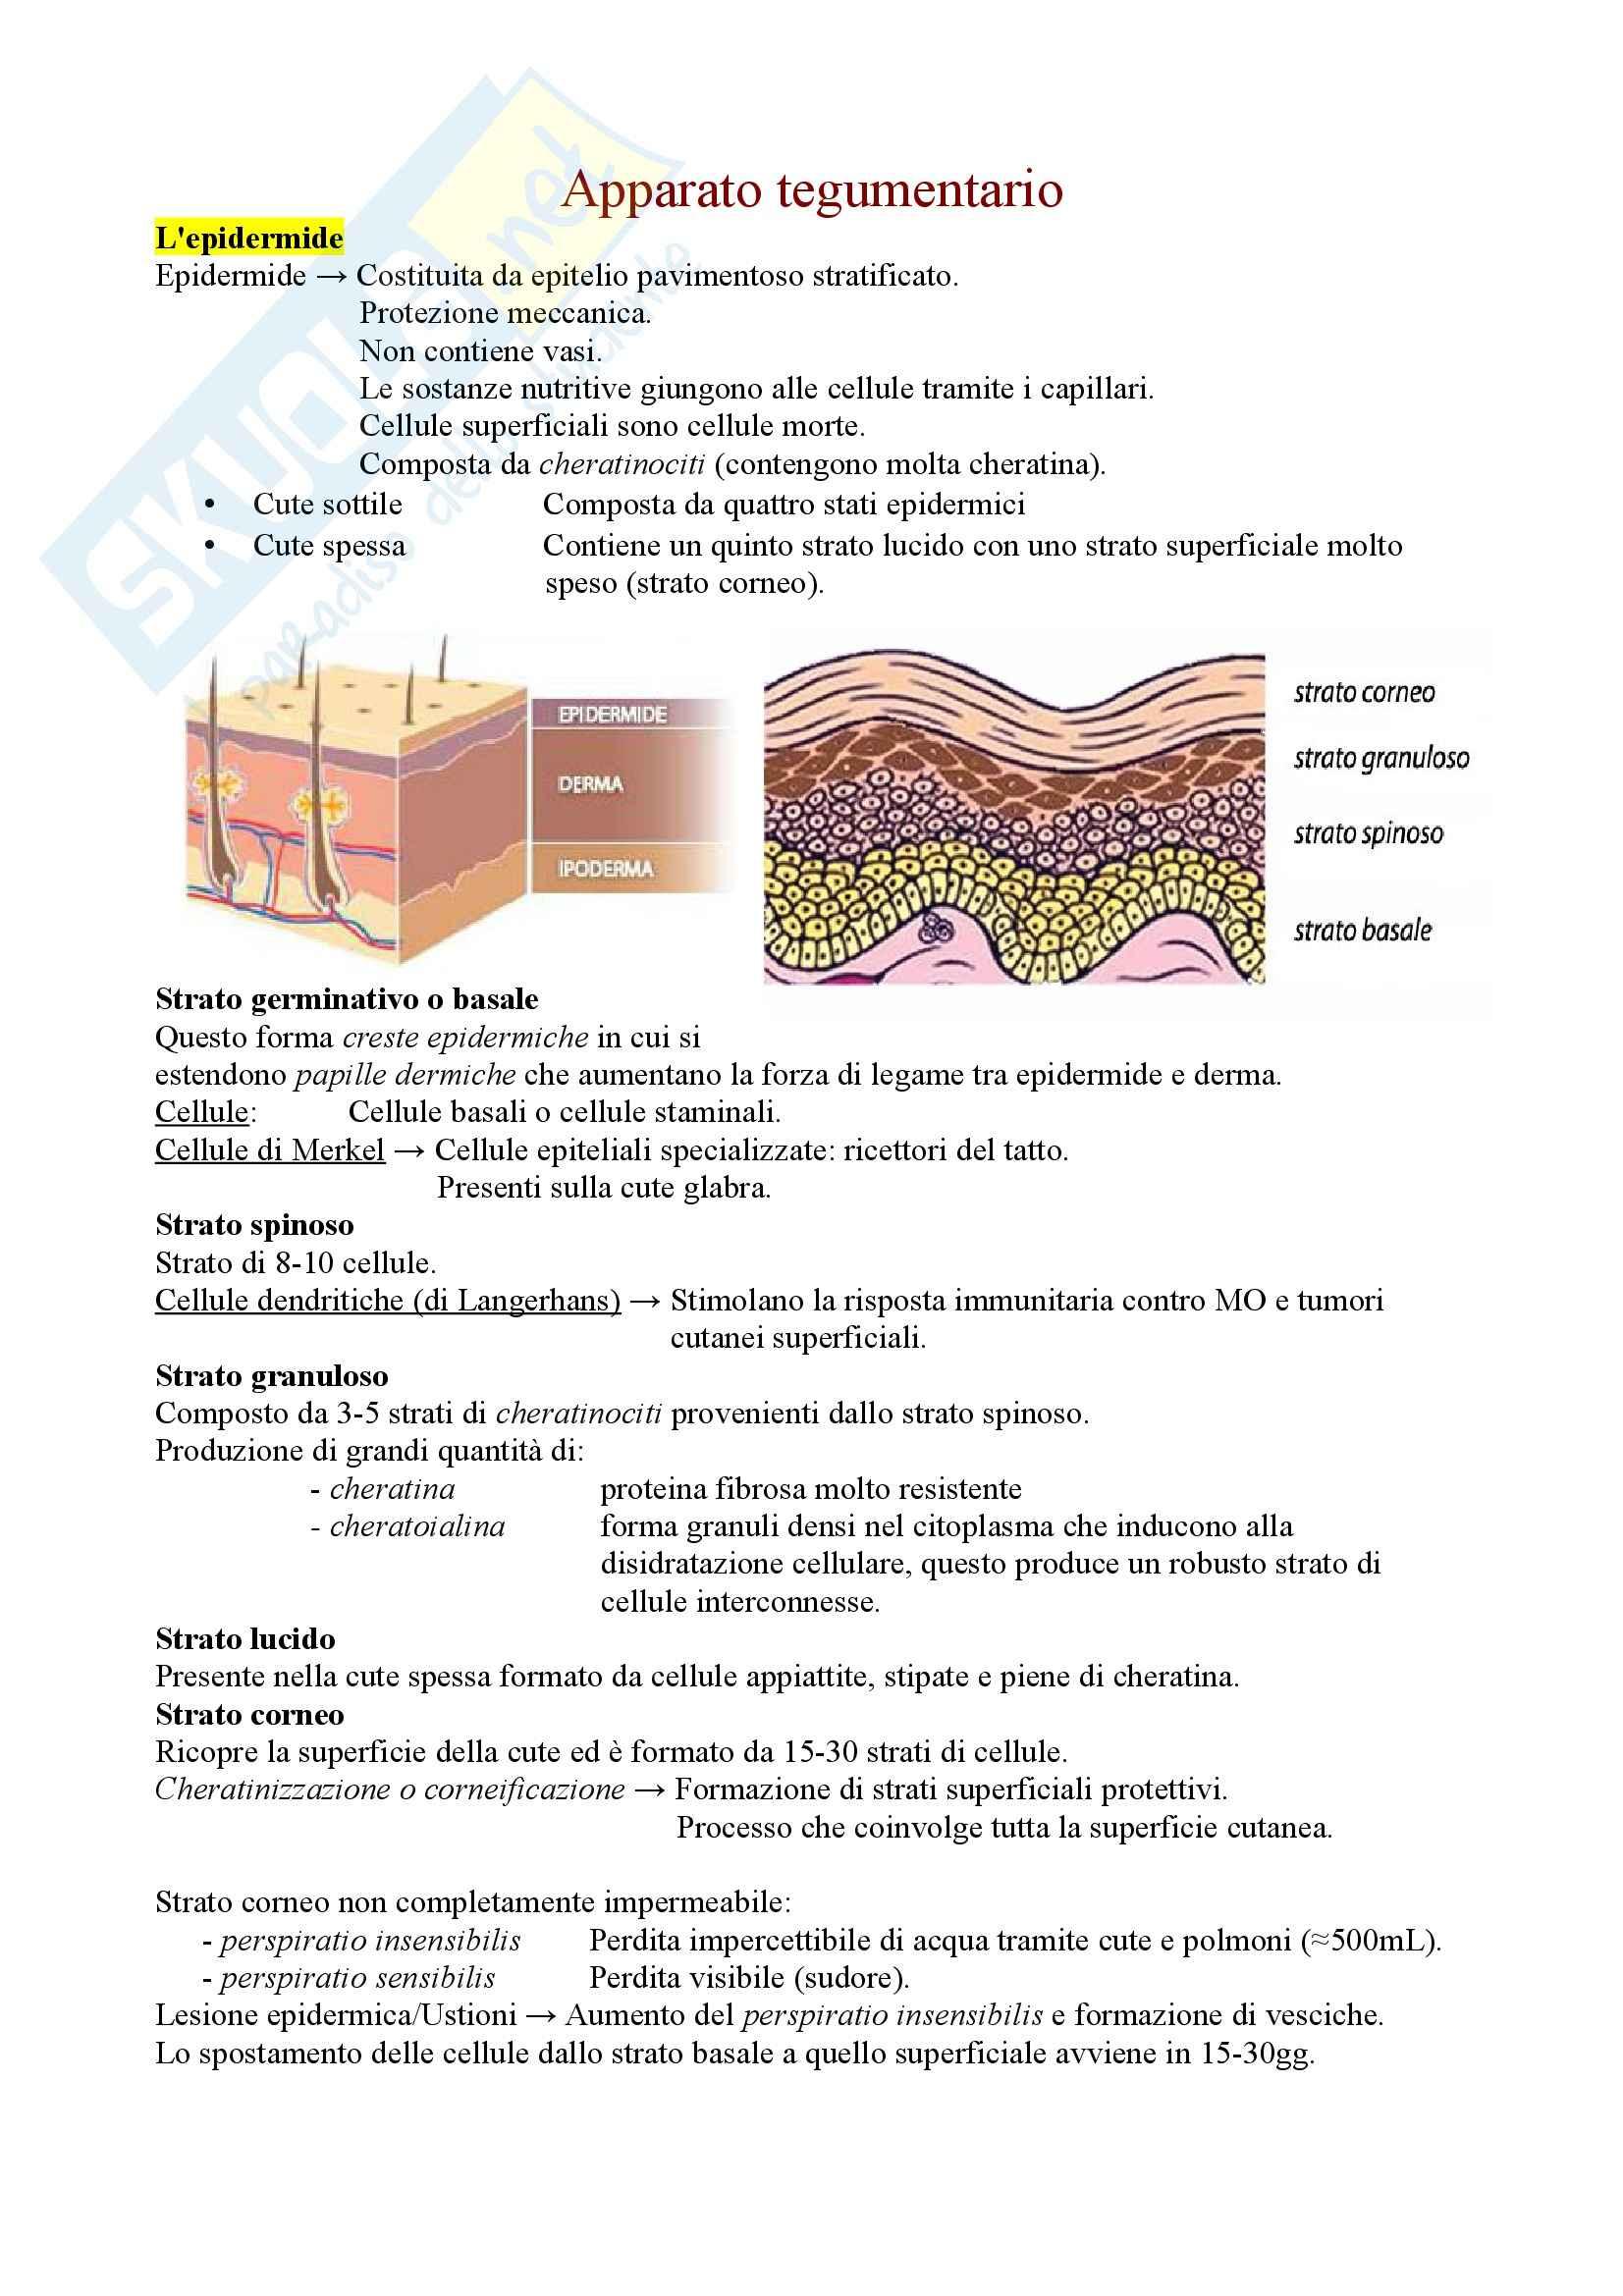 Anatomia e fisiologia  - Apparato tegumentario e Ghiandole mammarie